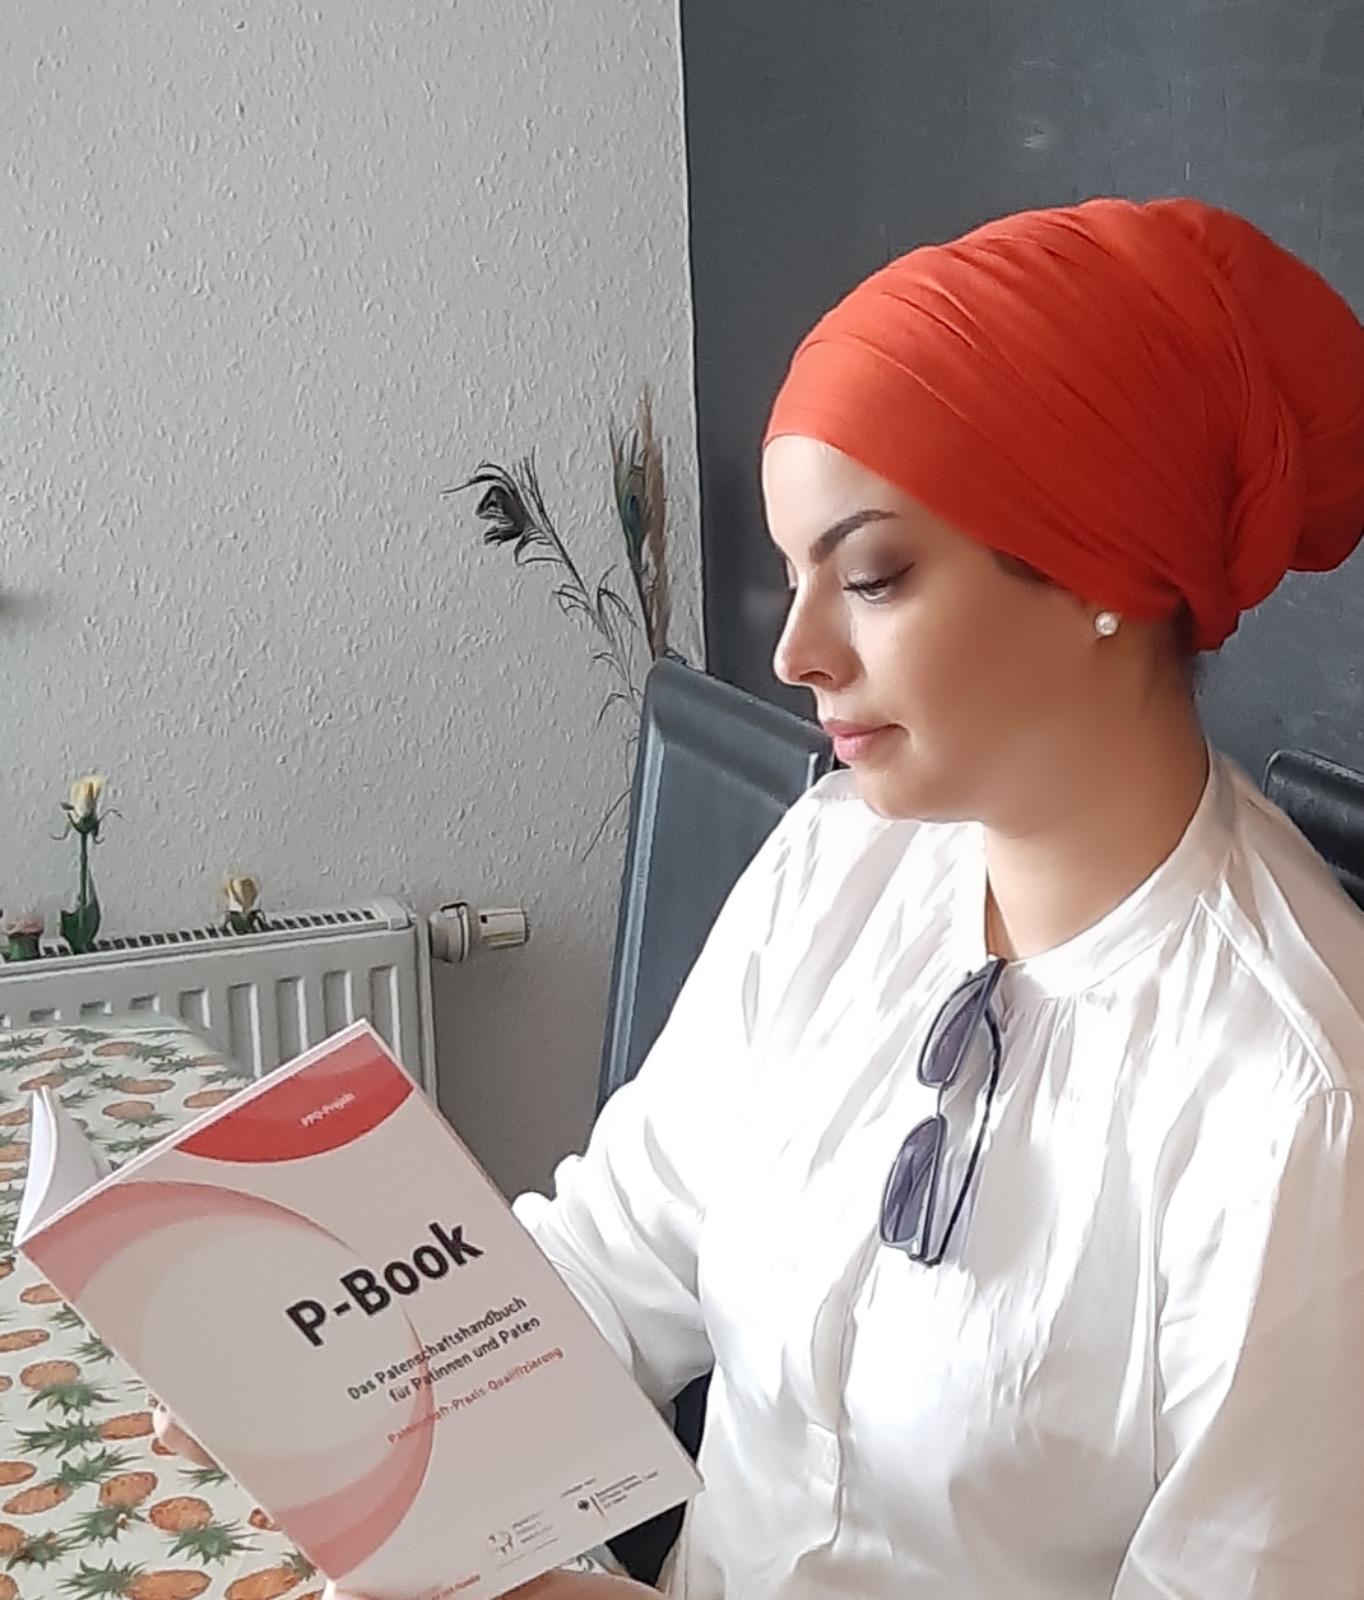 Das Patenschaftshandbuch für Patinnen und Paten  #Patenschaft-Praxis-Qualifizierung  #Menschen stärken Menschen